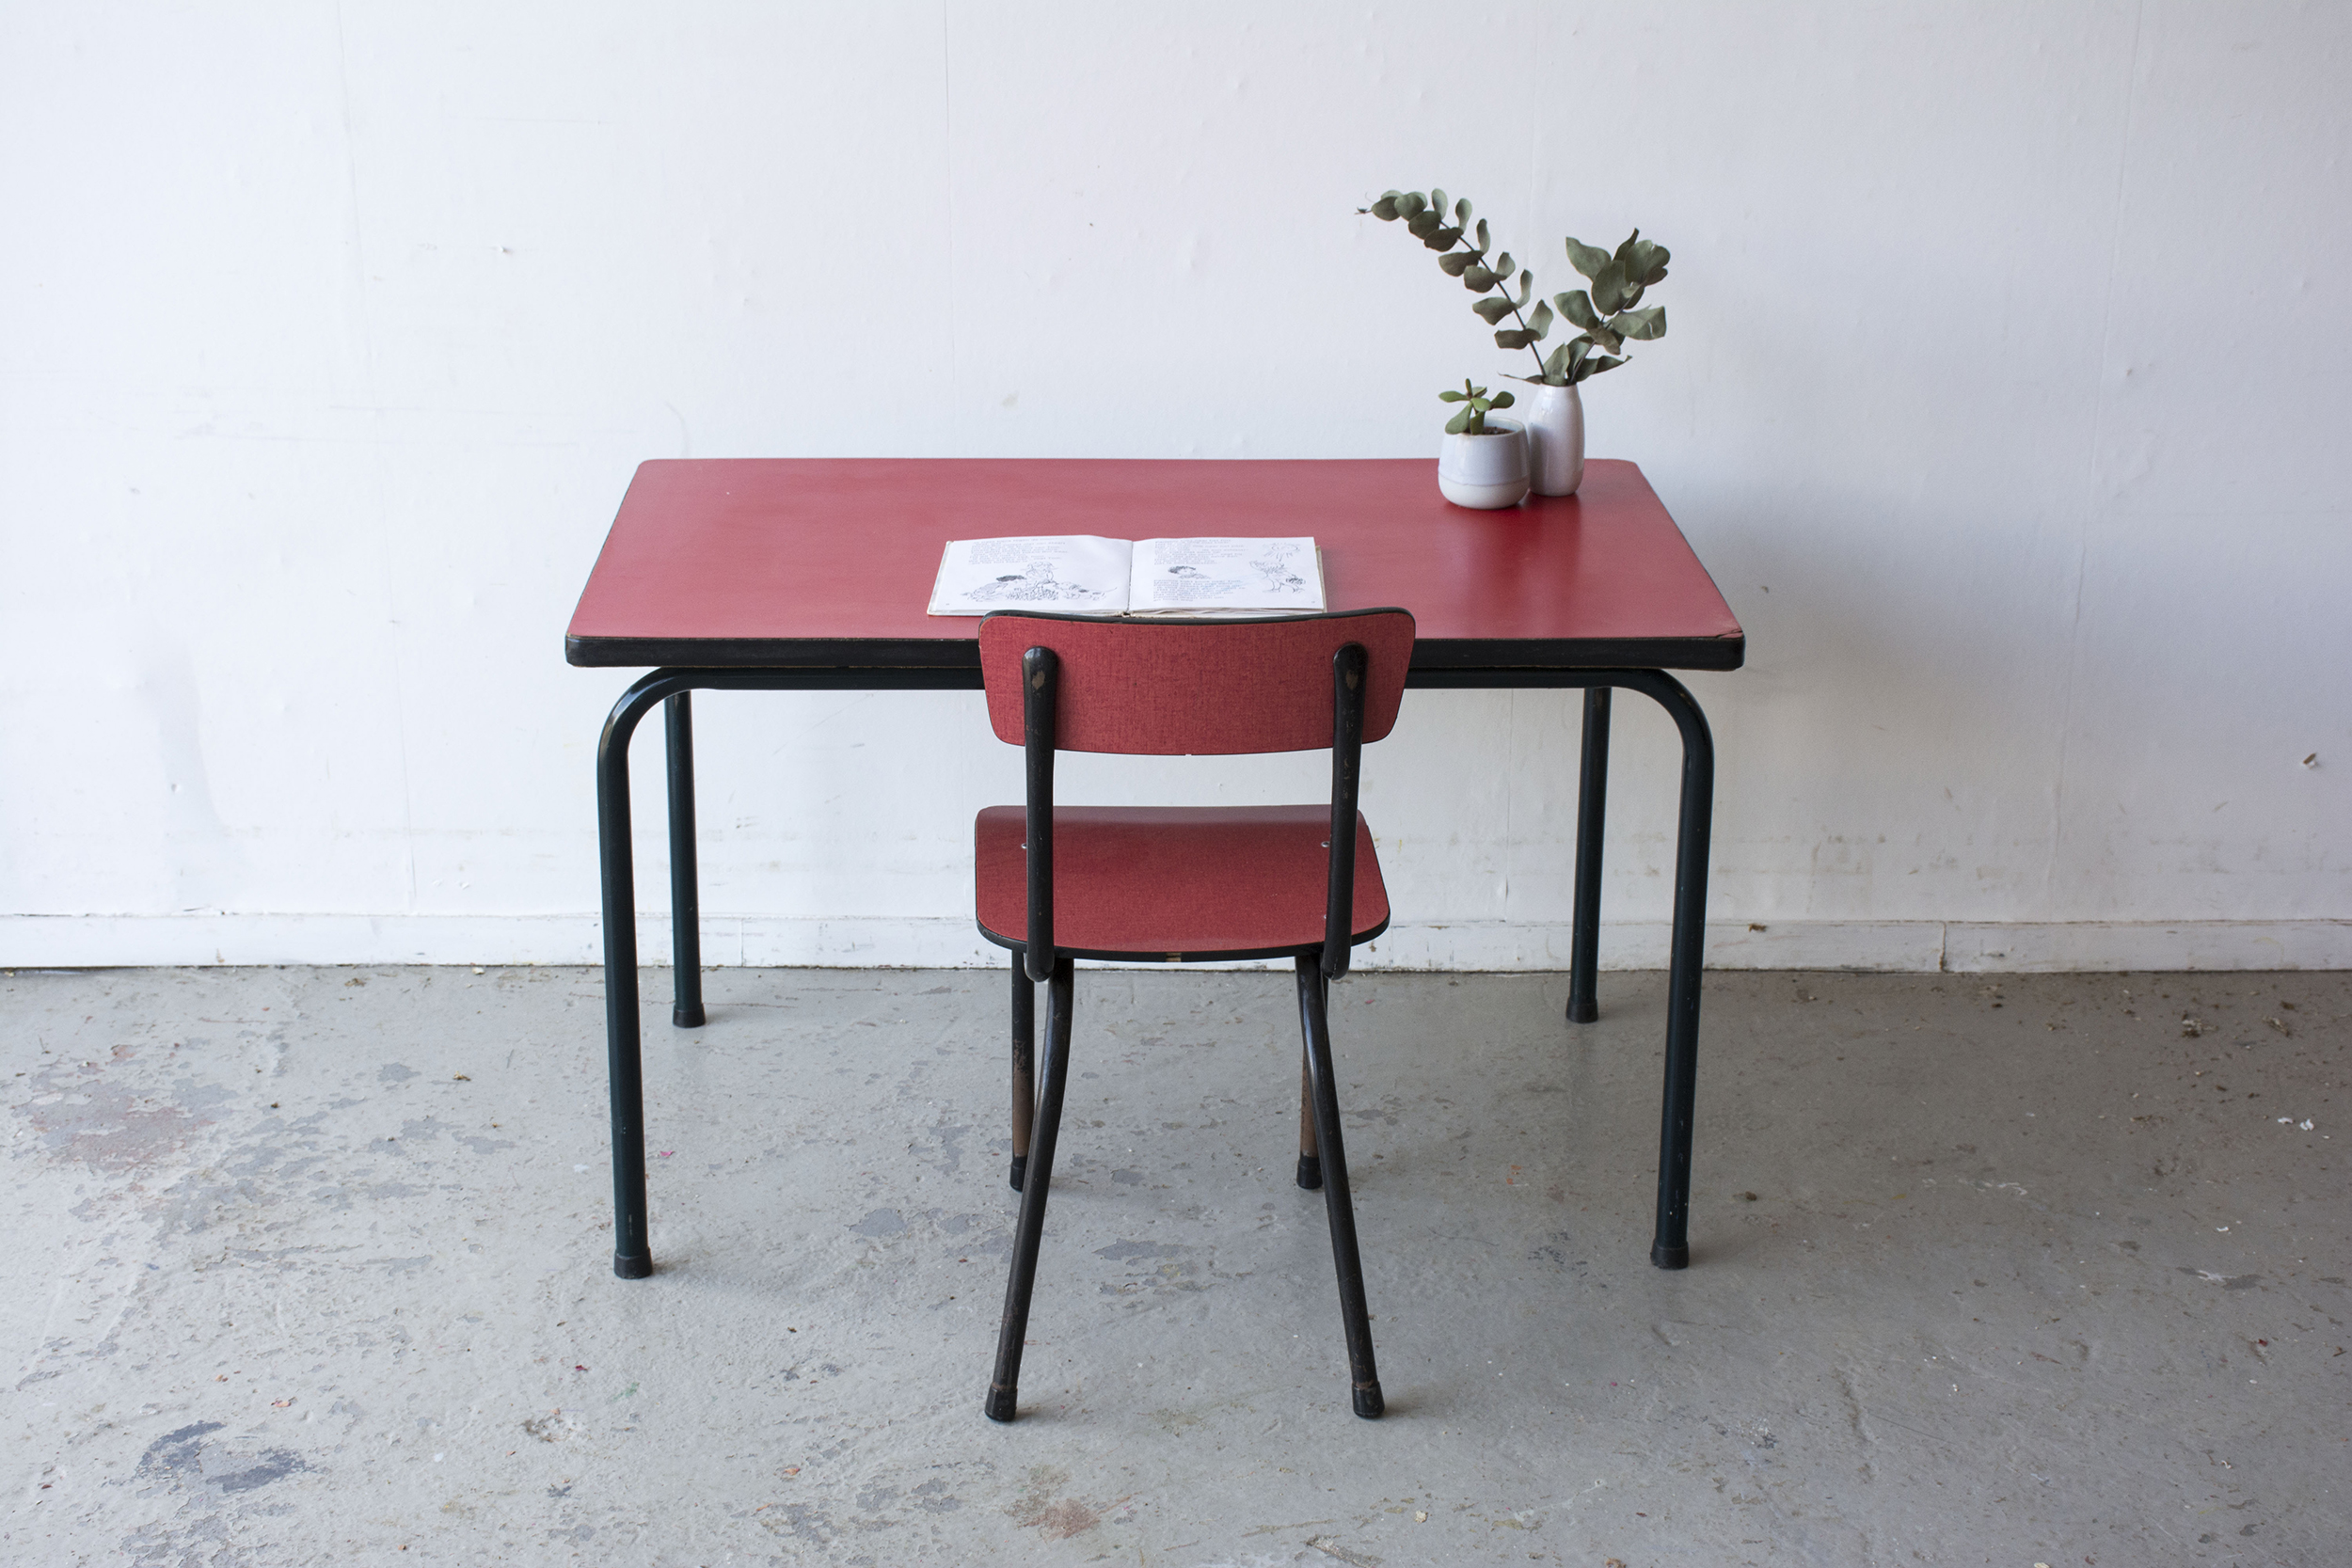 rood formica tafeltje met stoeltje - Firma zoethout_1.jpg